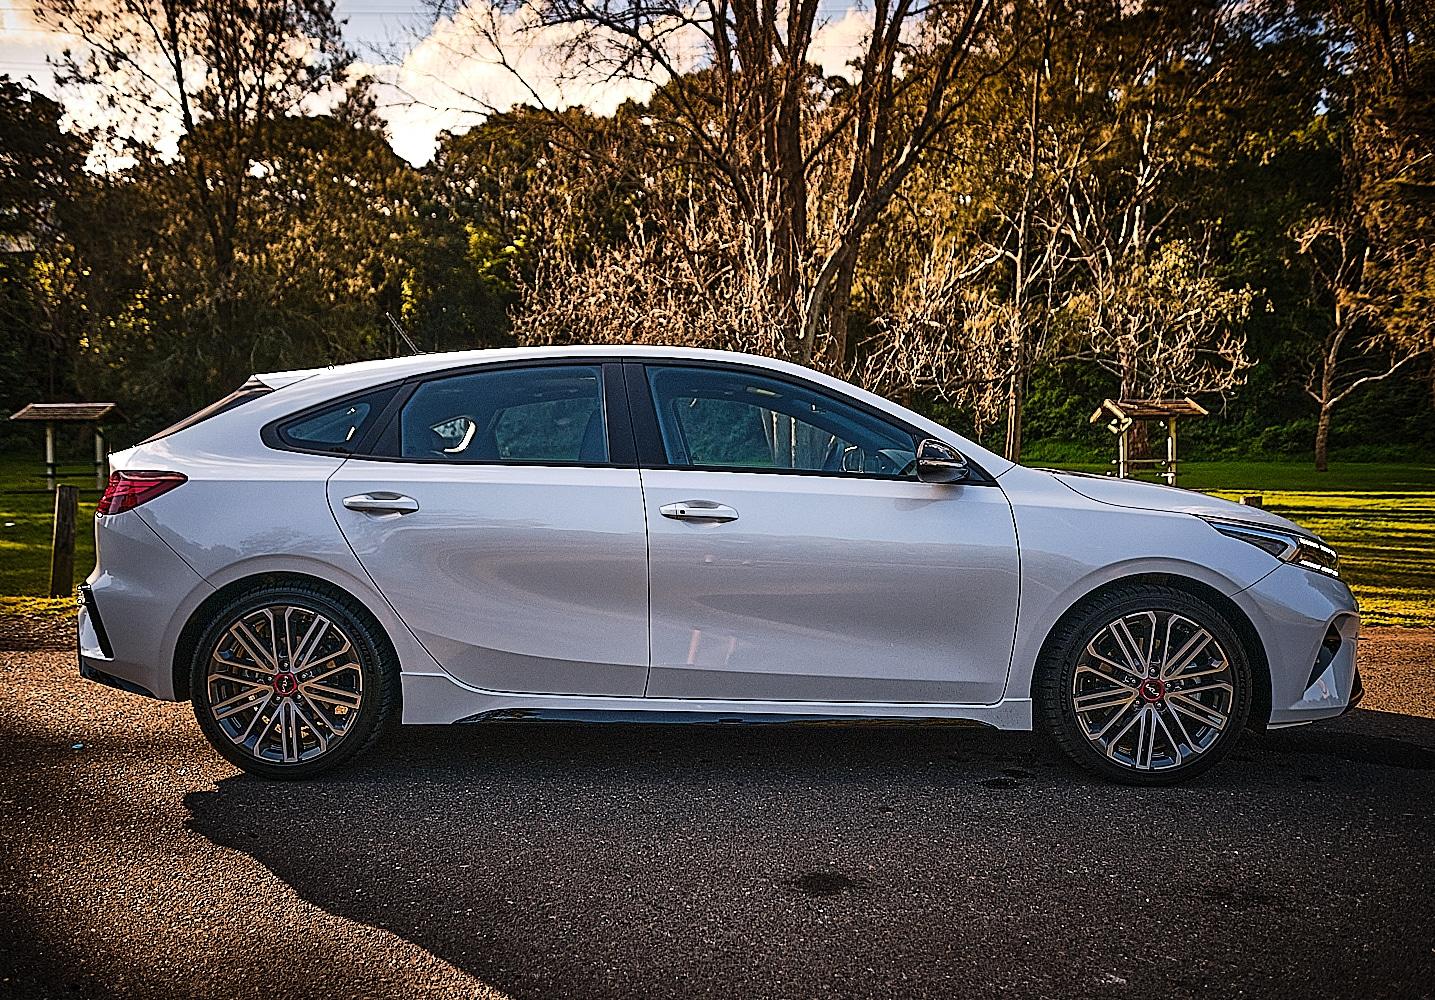 2022 Kia Cerato GT hatch